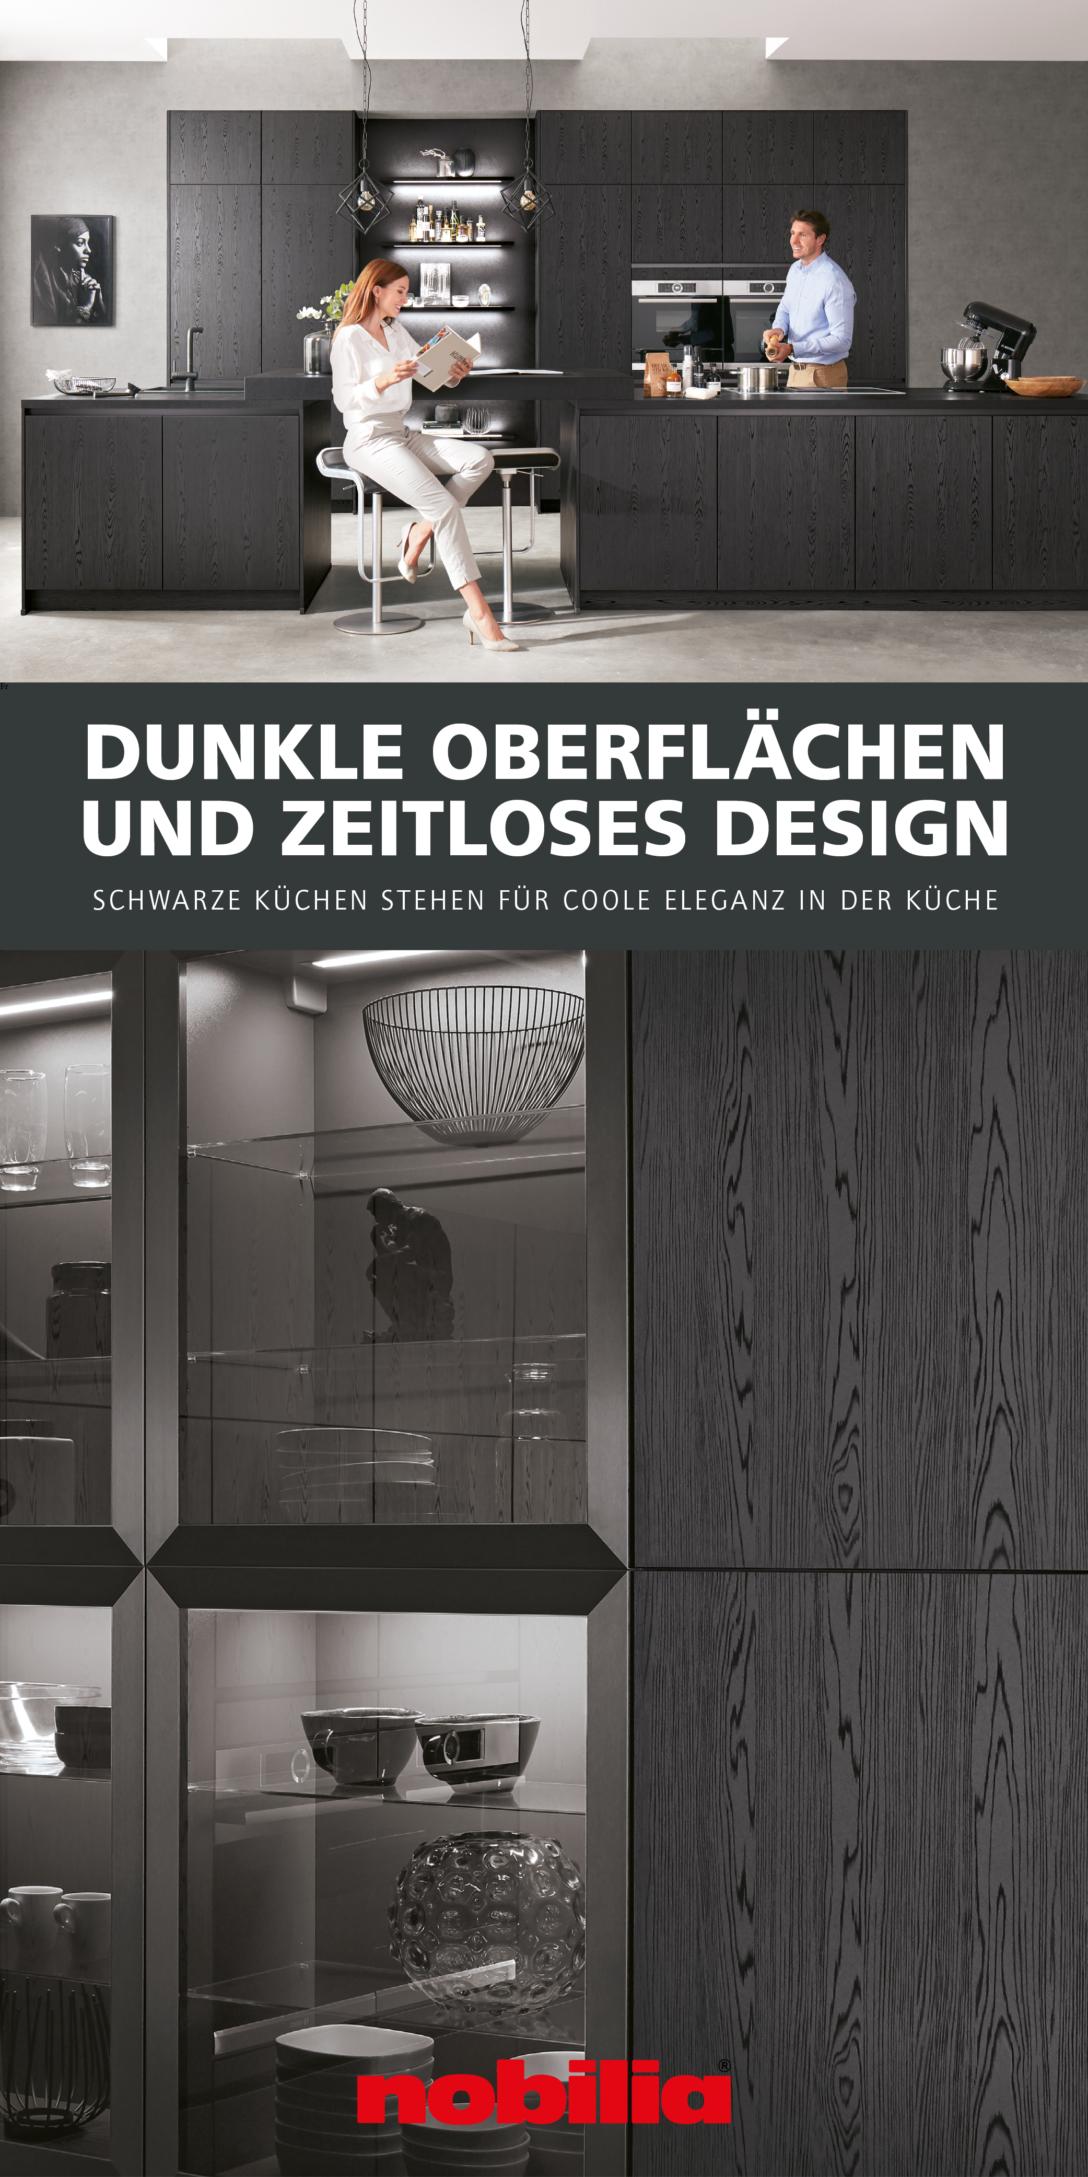 Large Size of Nobilia Alba Modernes Kchendesign Trifft Auf Dunkle Tne Das Elegante Dekor Einbauküche Küche Wohnzimmer Nobilia Alba